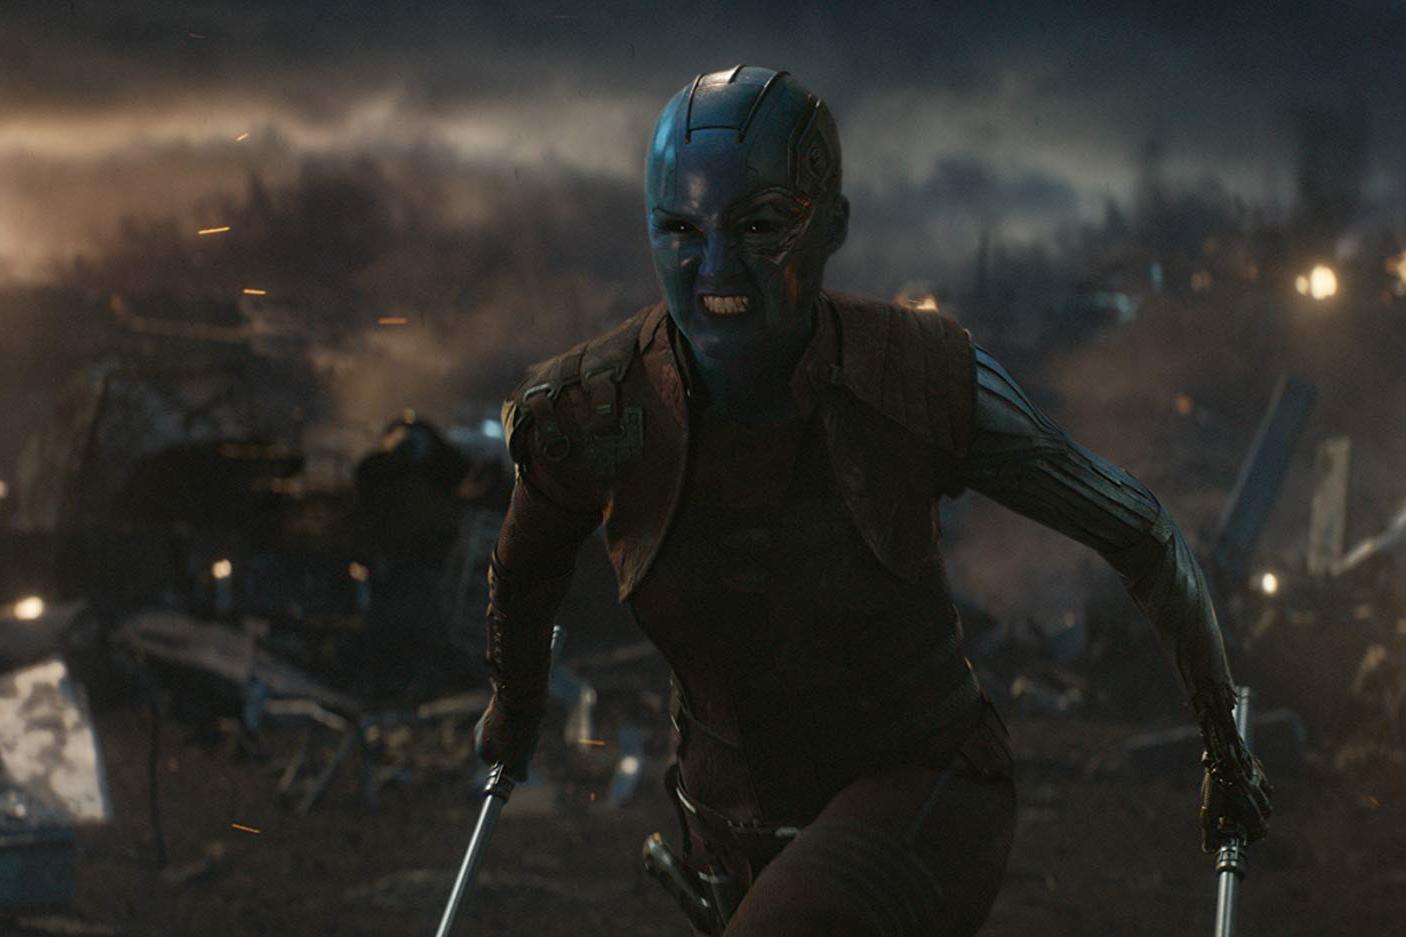 Still 15 for Avengers: Endgame